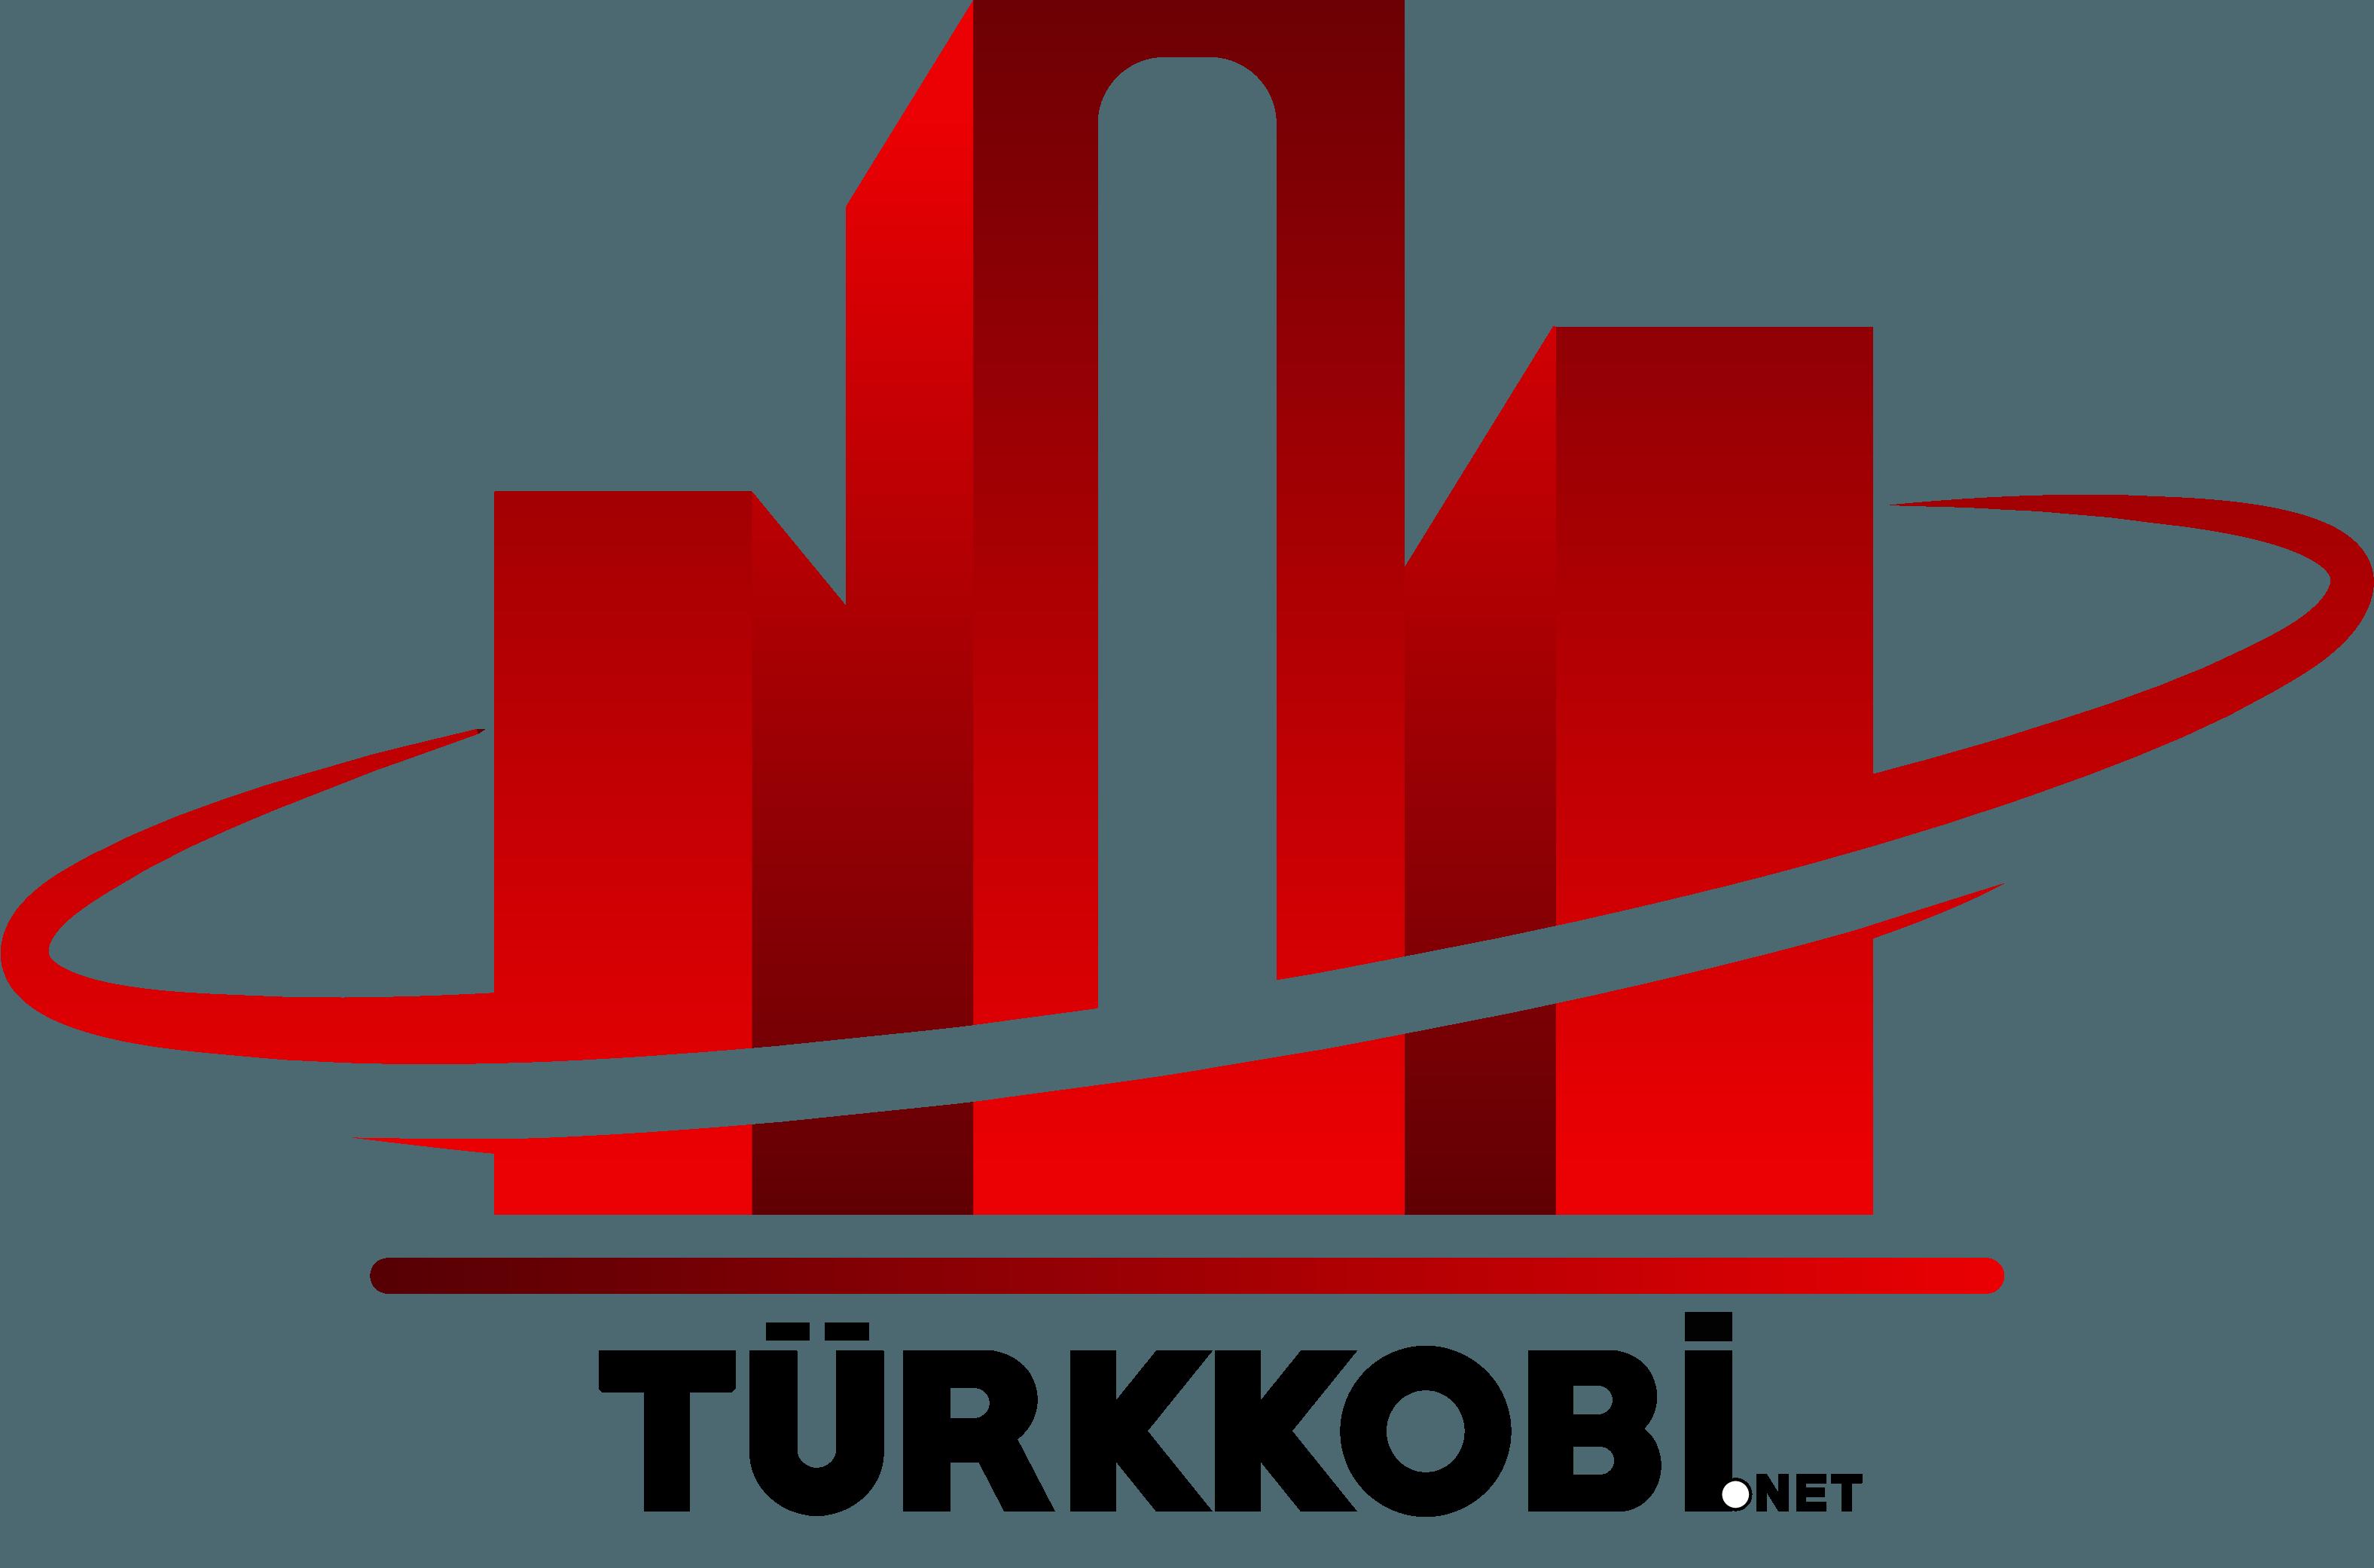 Turkkobi.net – Ücretsiz Firma Rehberi